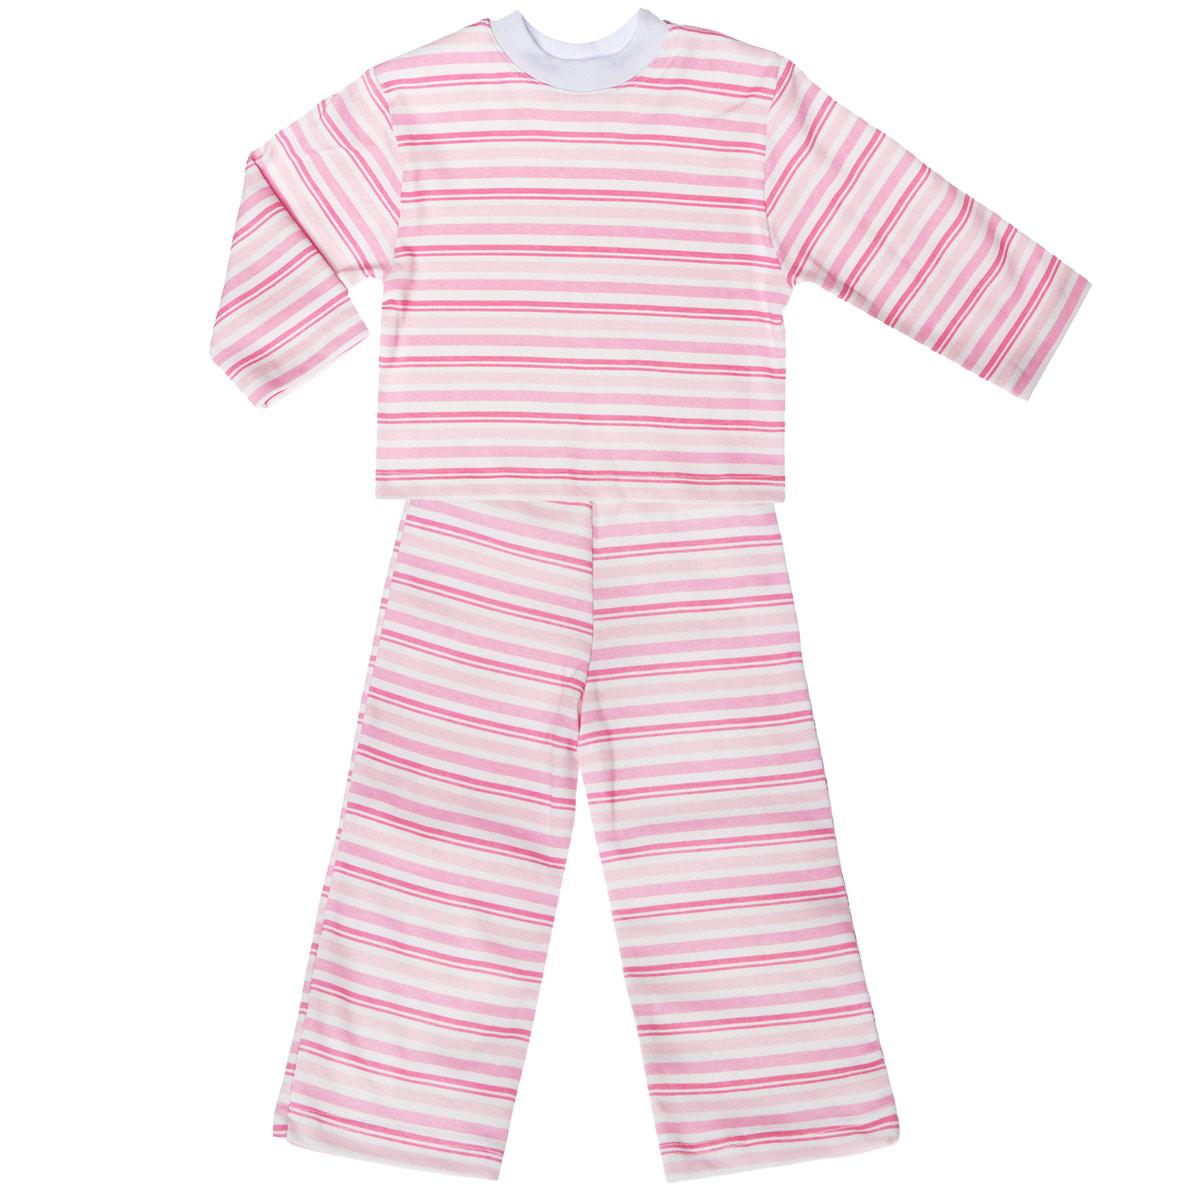 Пижама5584_полоскаУютная детская пижама Трон-плюс, состоящая из джемпера и брюк, идеально подойдет вашему ребенку и станет отличным дополнением к детскому гардеробу. Изготовленная из натурального хлопка, она необычайно мягкая и легкая, не сковывает движения, позволяет коже дышать и не раздражает даже самую нежную и чувствительную кожу ребенка. Джемпер с длинными рукавами и круглым вырезом горловины оформлен принтом в полоску. Вырез горловины дополнен трикотажной эластичной резинкой. Брюки на талии имеют эластичную резинку, благодаря чему не сдавливают живот ребенка и не сползают. Оформлены брючки также принтом в полоску. В такой пижаме ваш ребенок будет чувствовать себя комфортно и уютно во время сна.